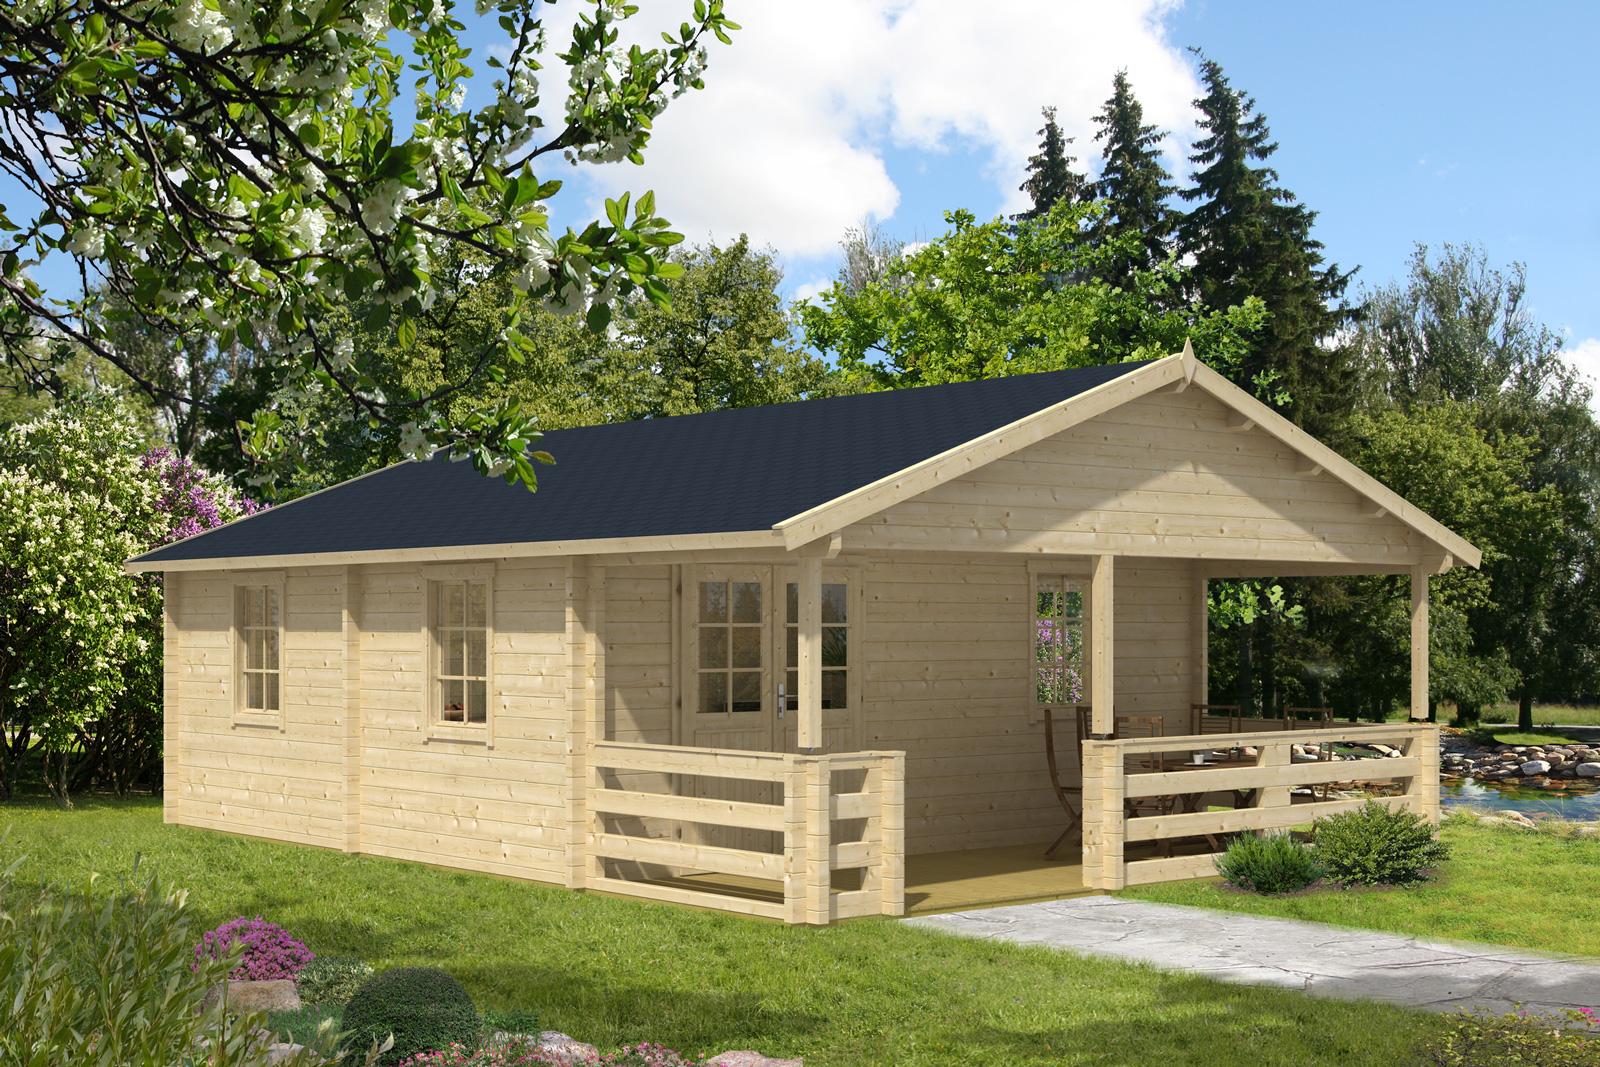 garten und freizeithaus carroz 70 iso. Black Bedroom Furniture Sets. Home Design Ideas